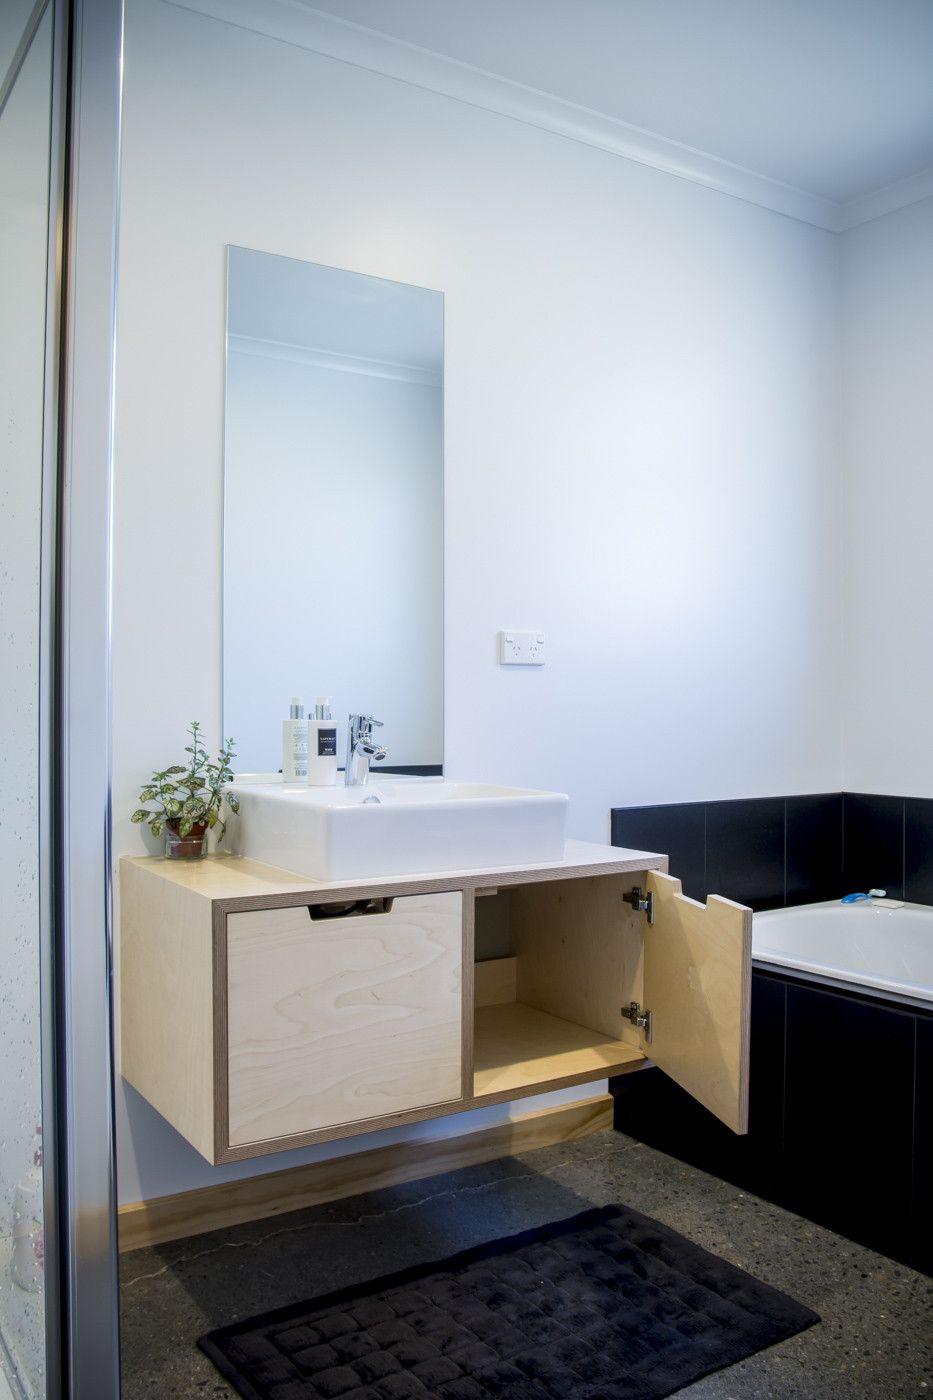 2 Door Birch Plywood Vanity Wall Hung Bathroom Vanities Plywood